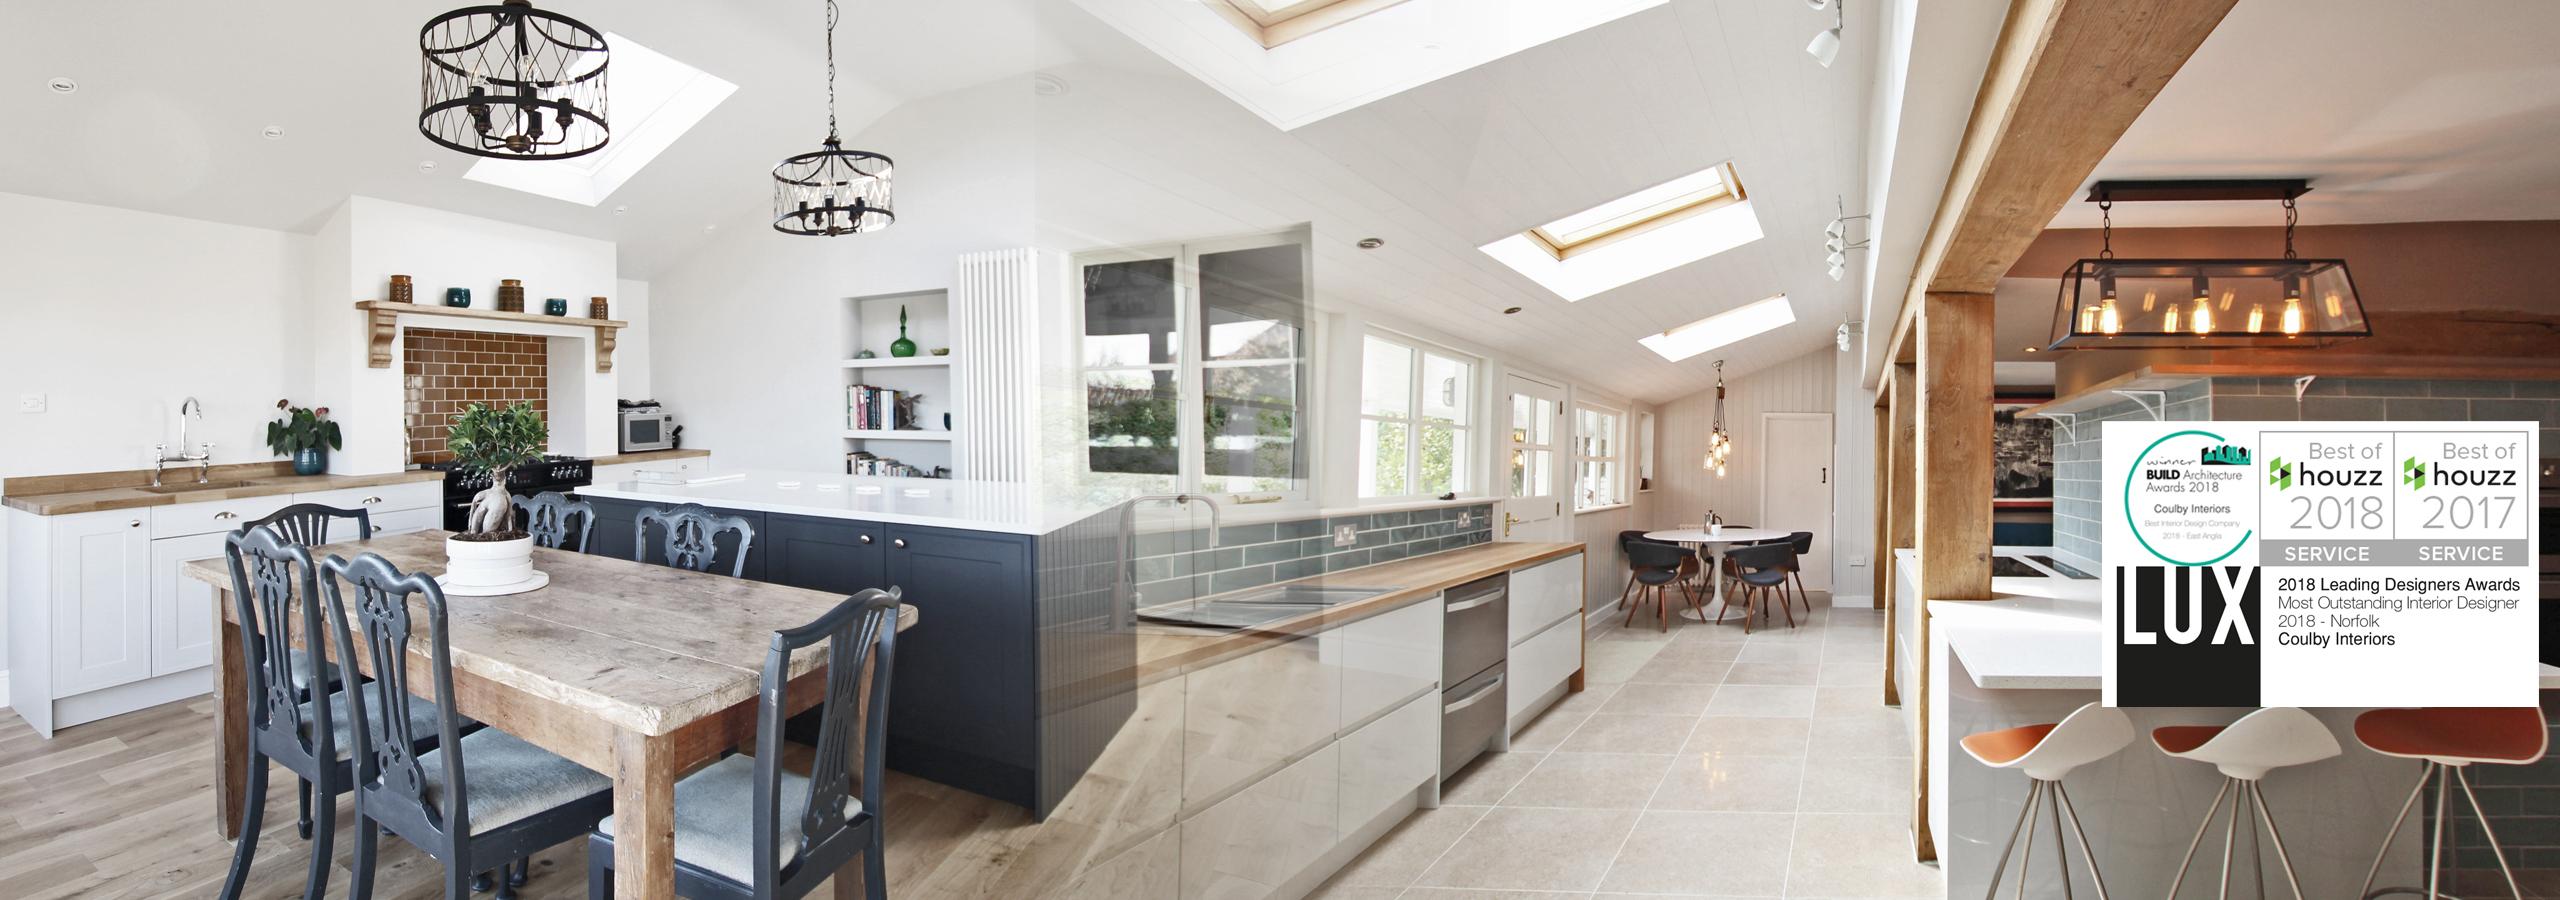 Kitchens Norfolk Kitchens Bathrooms Interior Design